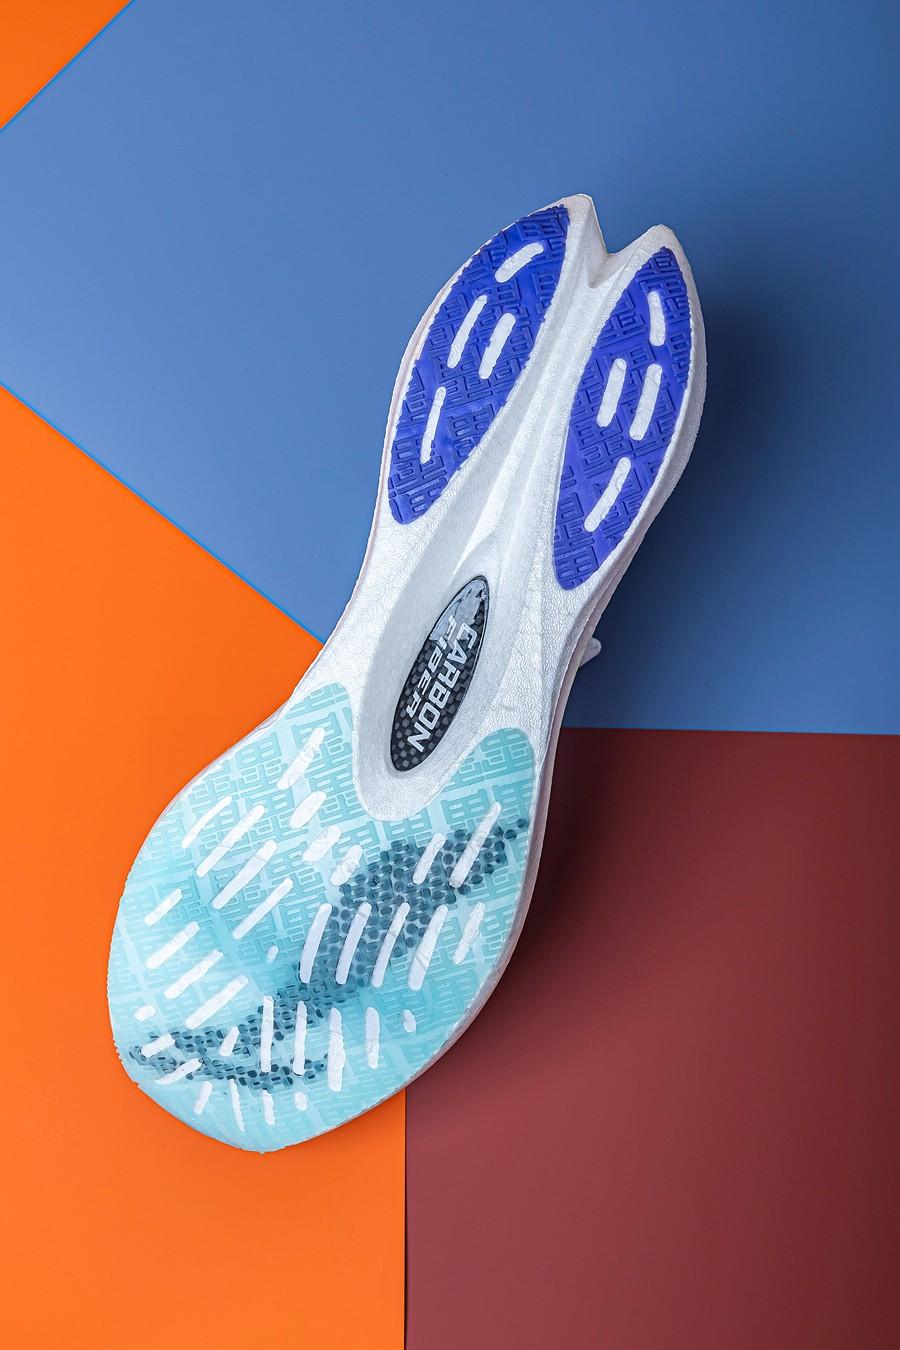 李宁,䨻,飞电,绝影  李宁动真格!多款「弹簧鞋」同时发售!扔地下能弹回来那种!